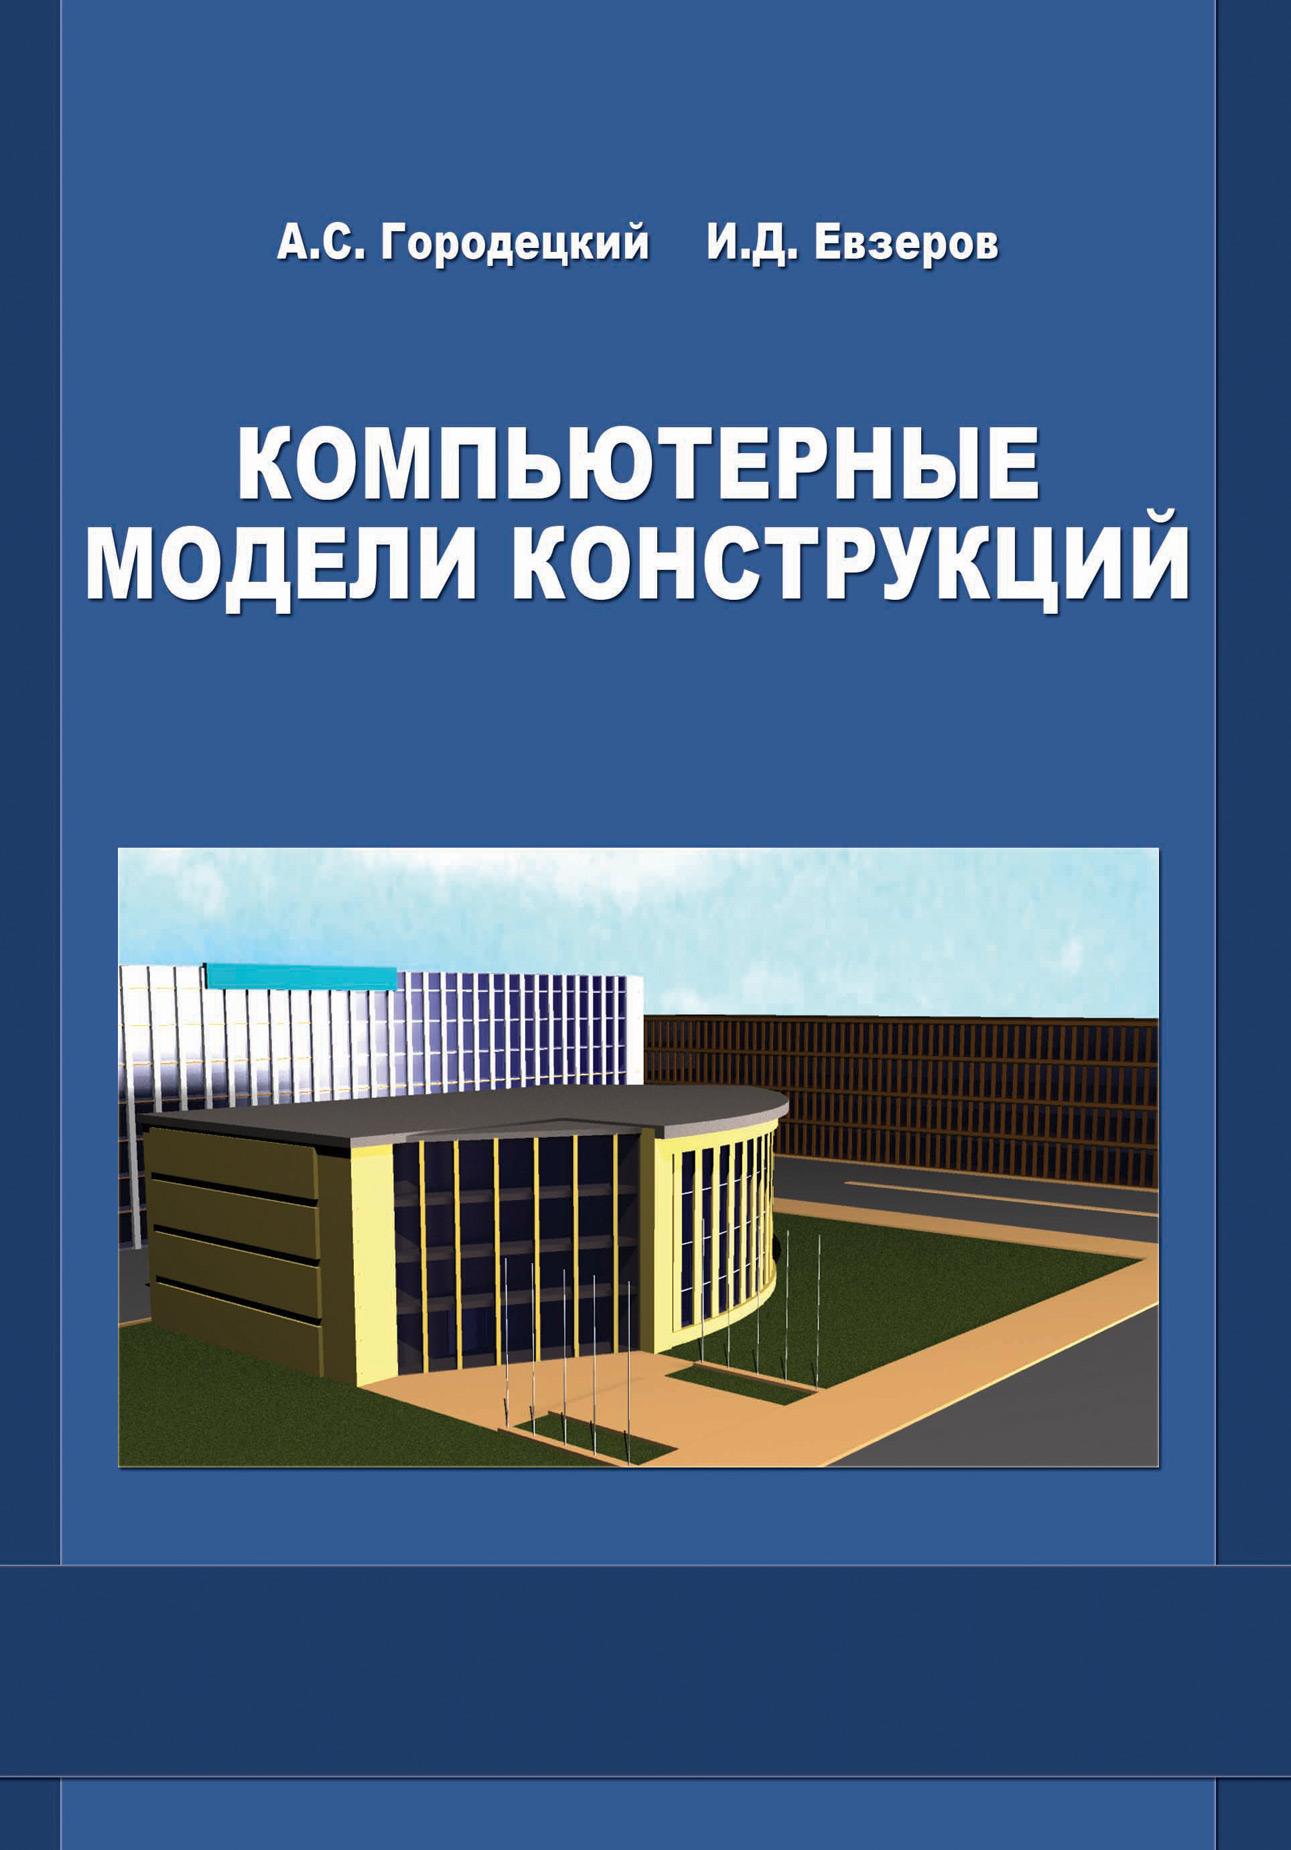 А. С. Городецкий Компьютерные модели конструкций